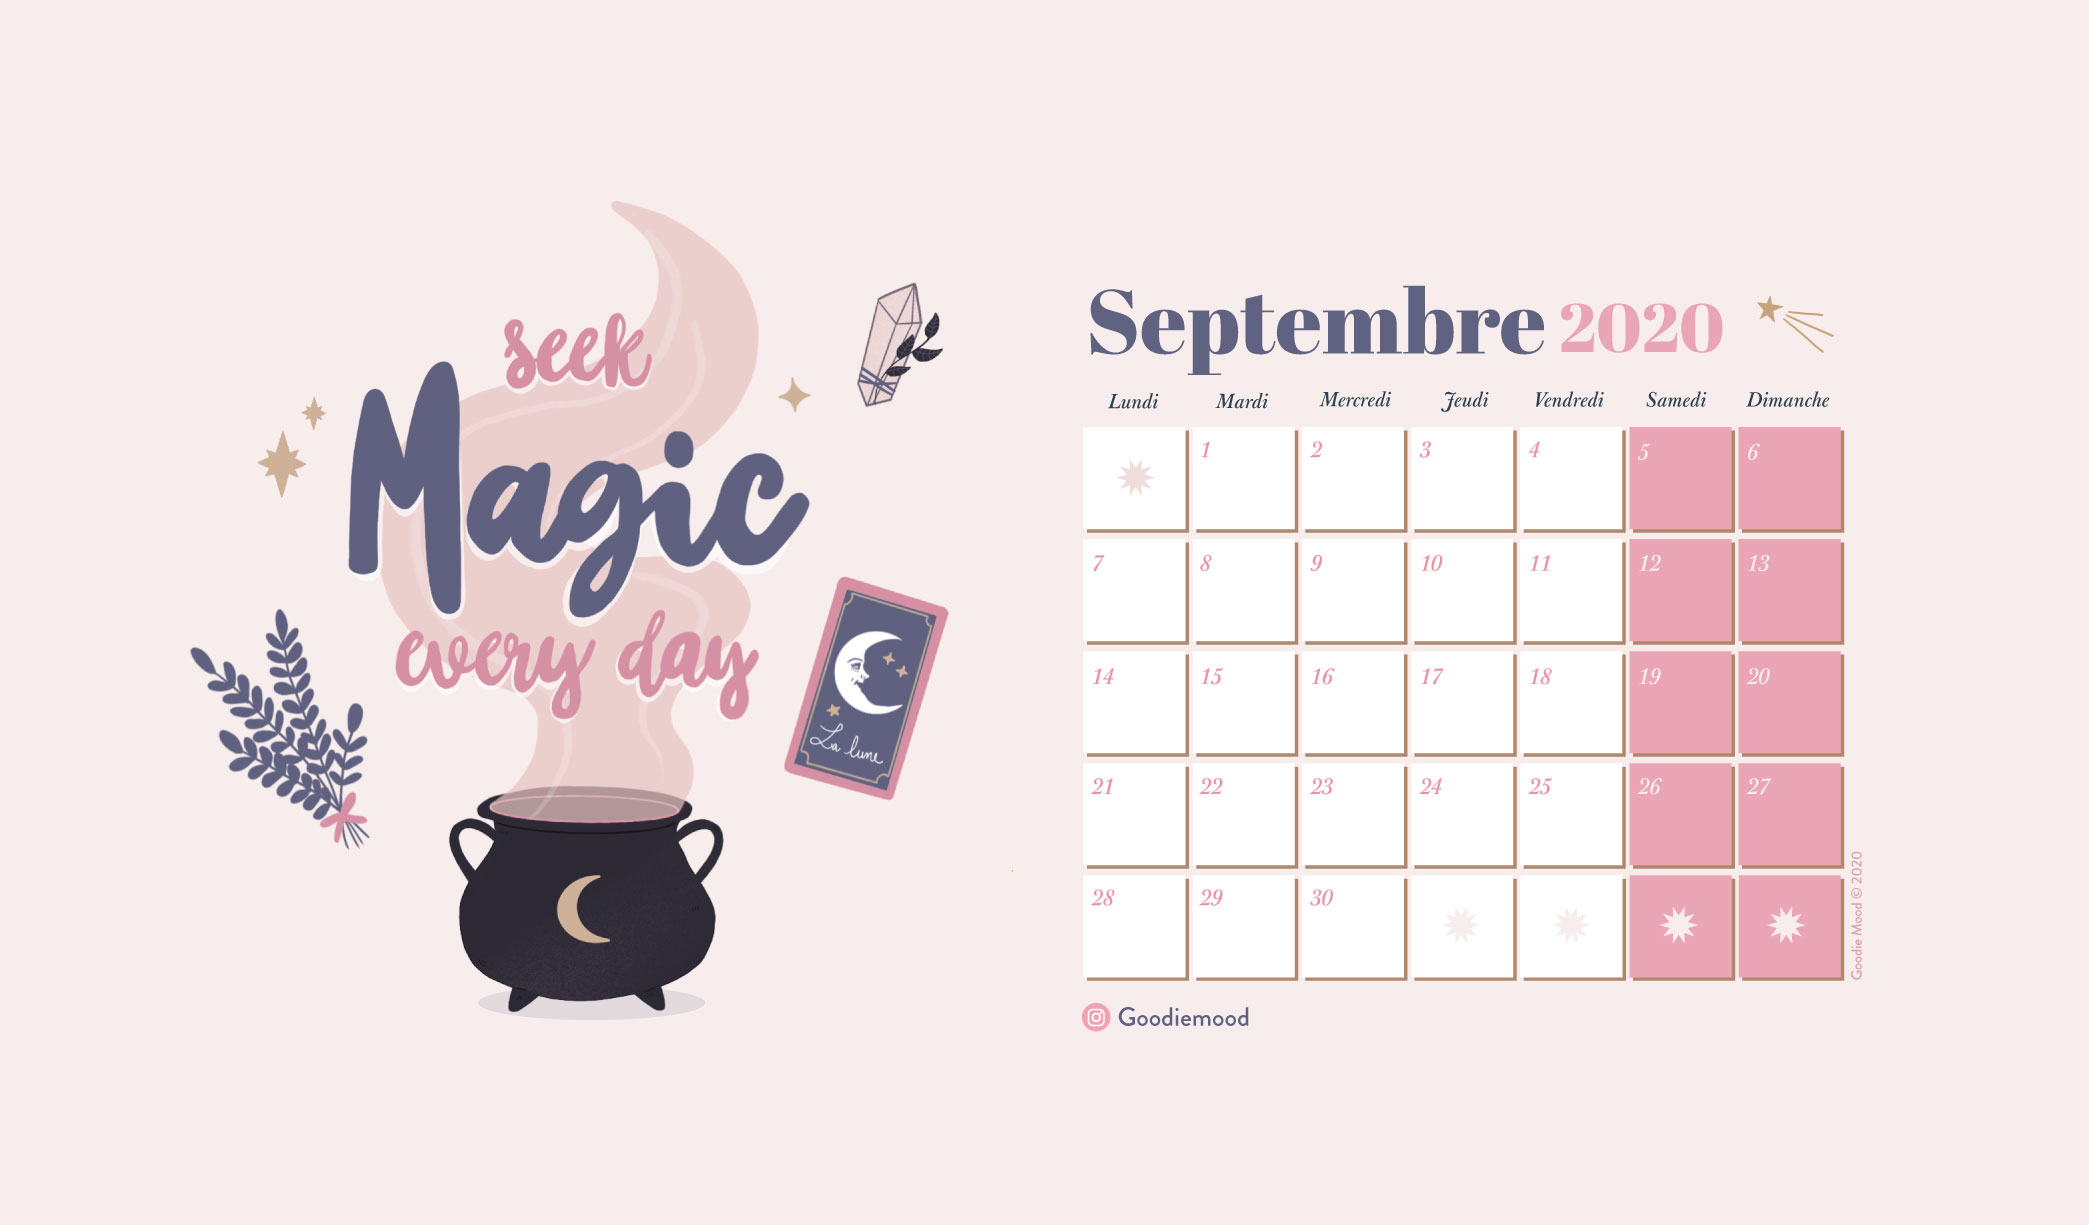 """Calendrier gratuit """"Seek Magic Every Day"""" sur Goodie Mood pour Septembre 2020 !"""